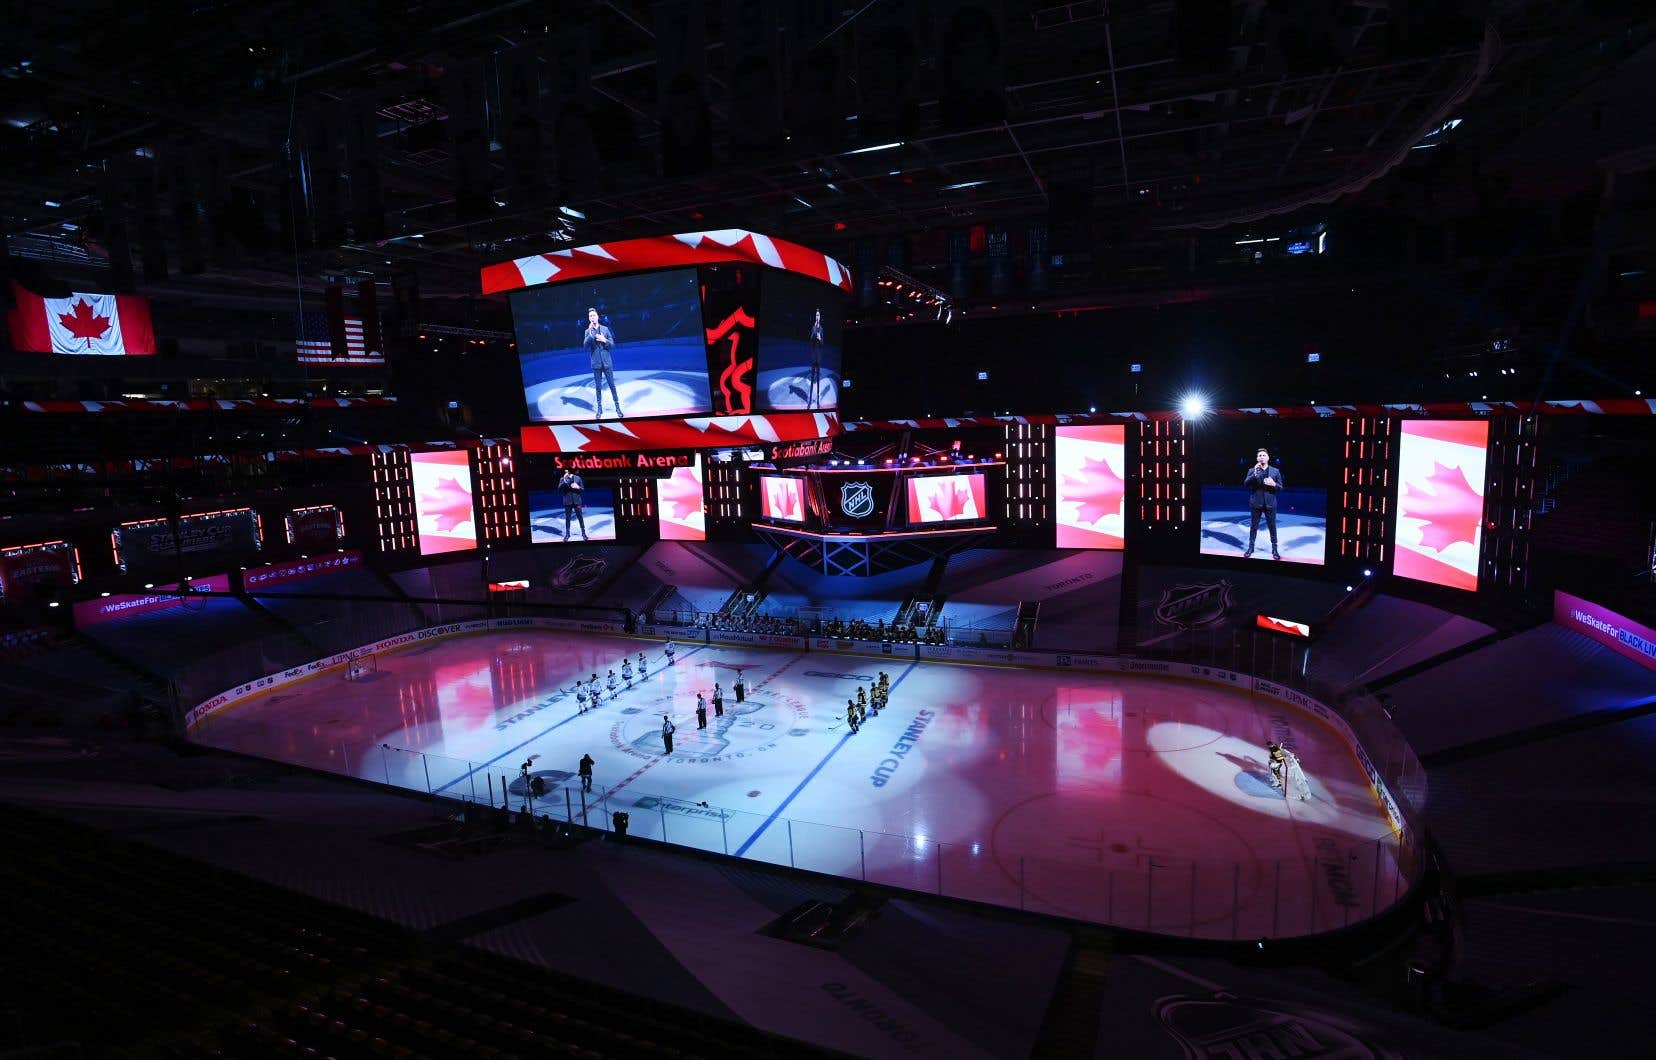 Le chanteur Michael Buble chante l'hymne nationale sur grand écran depuis sa ville natale de Vancouver avant les éliminatoires de la Coupe Stanley à Toronto samedi.